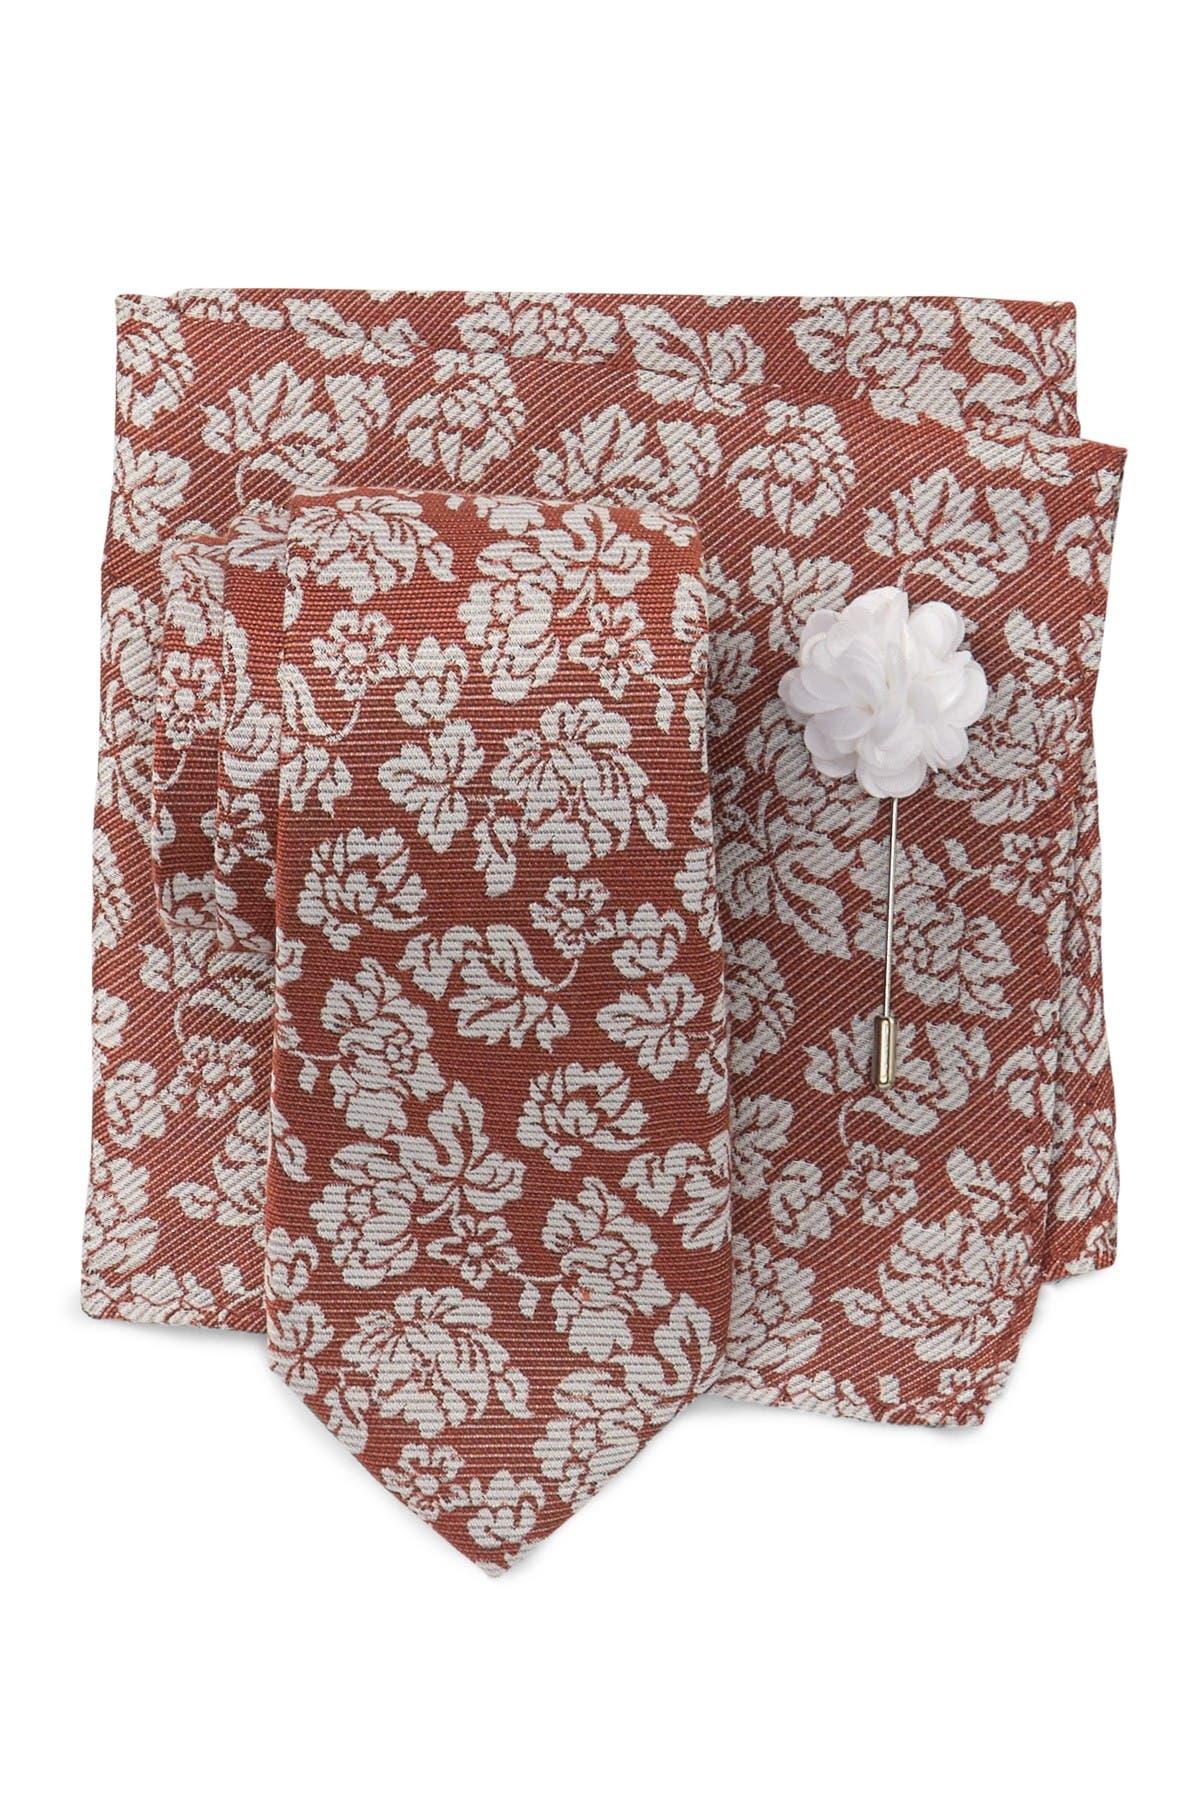 Image of Ben Sherman Ian Floral Tie, Pocket Square & Pin Set